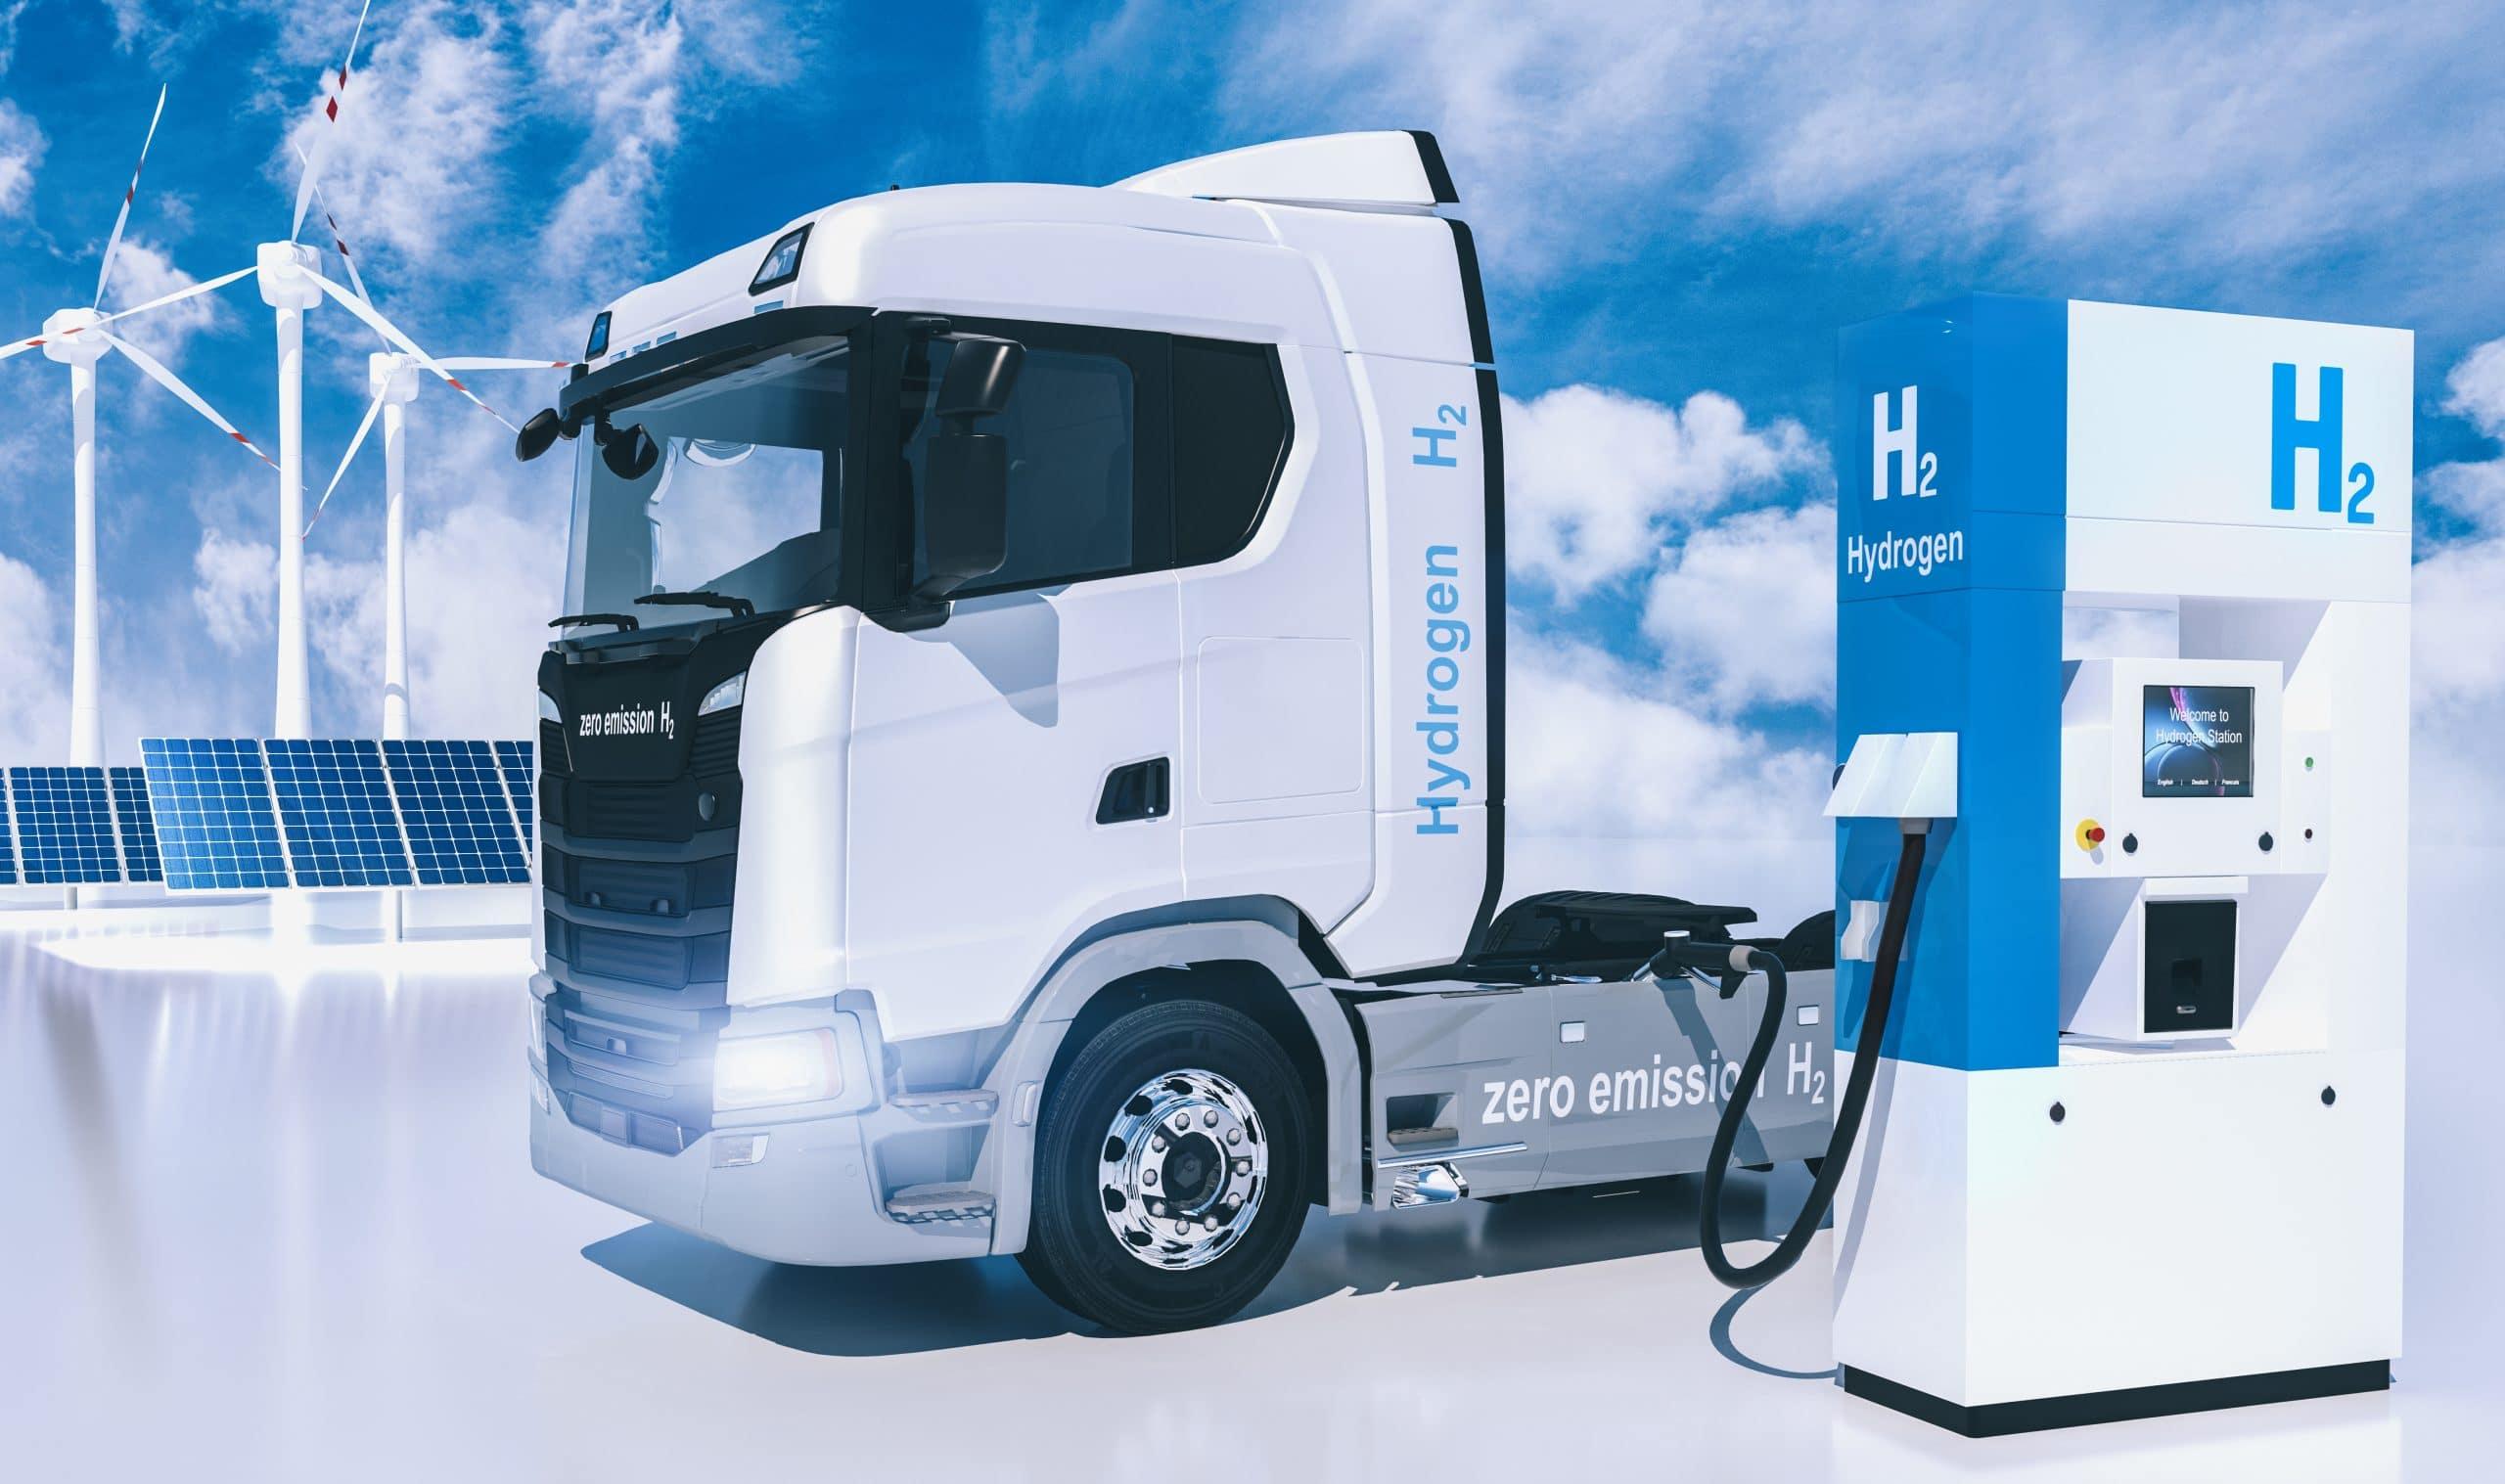 Fachkräfte für die Wasserstoffwirtschaft